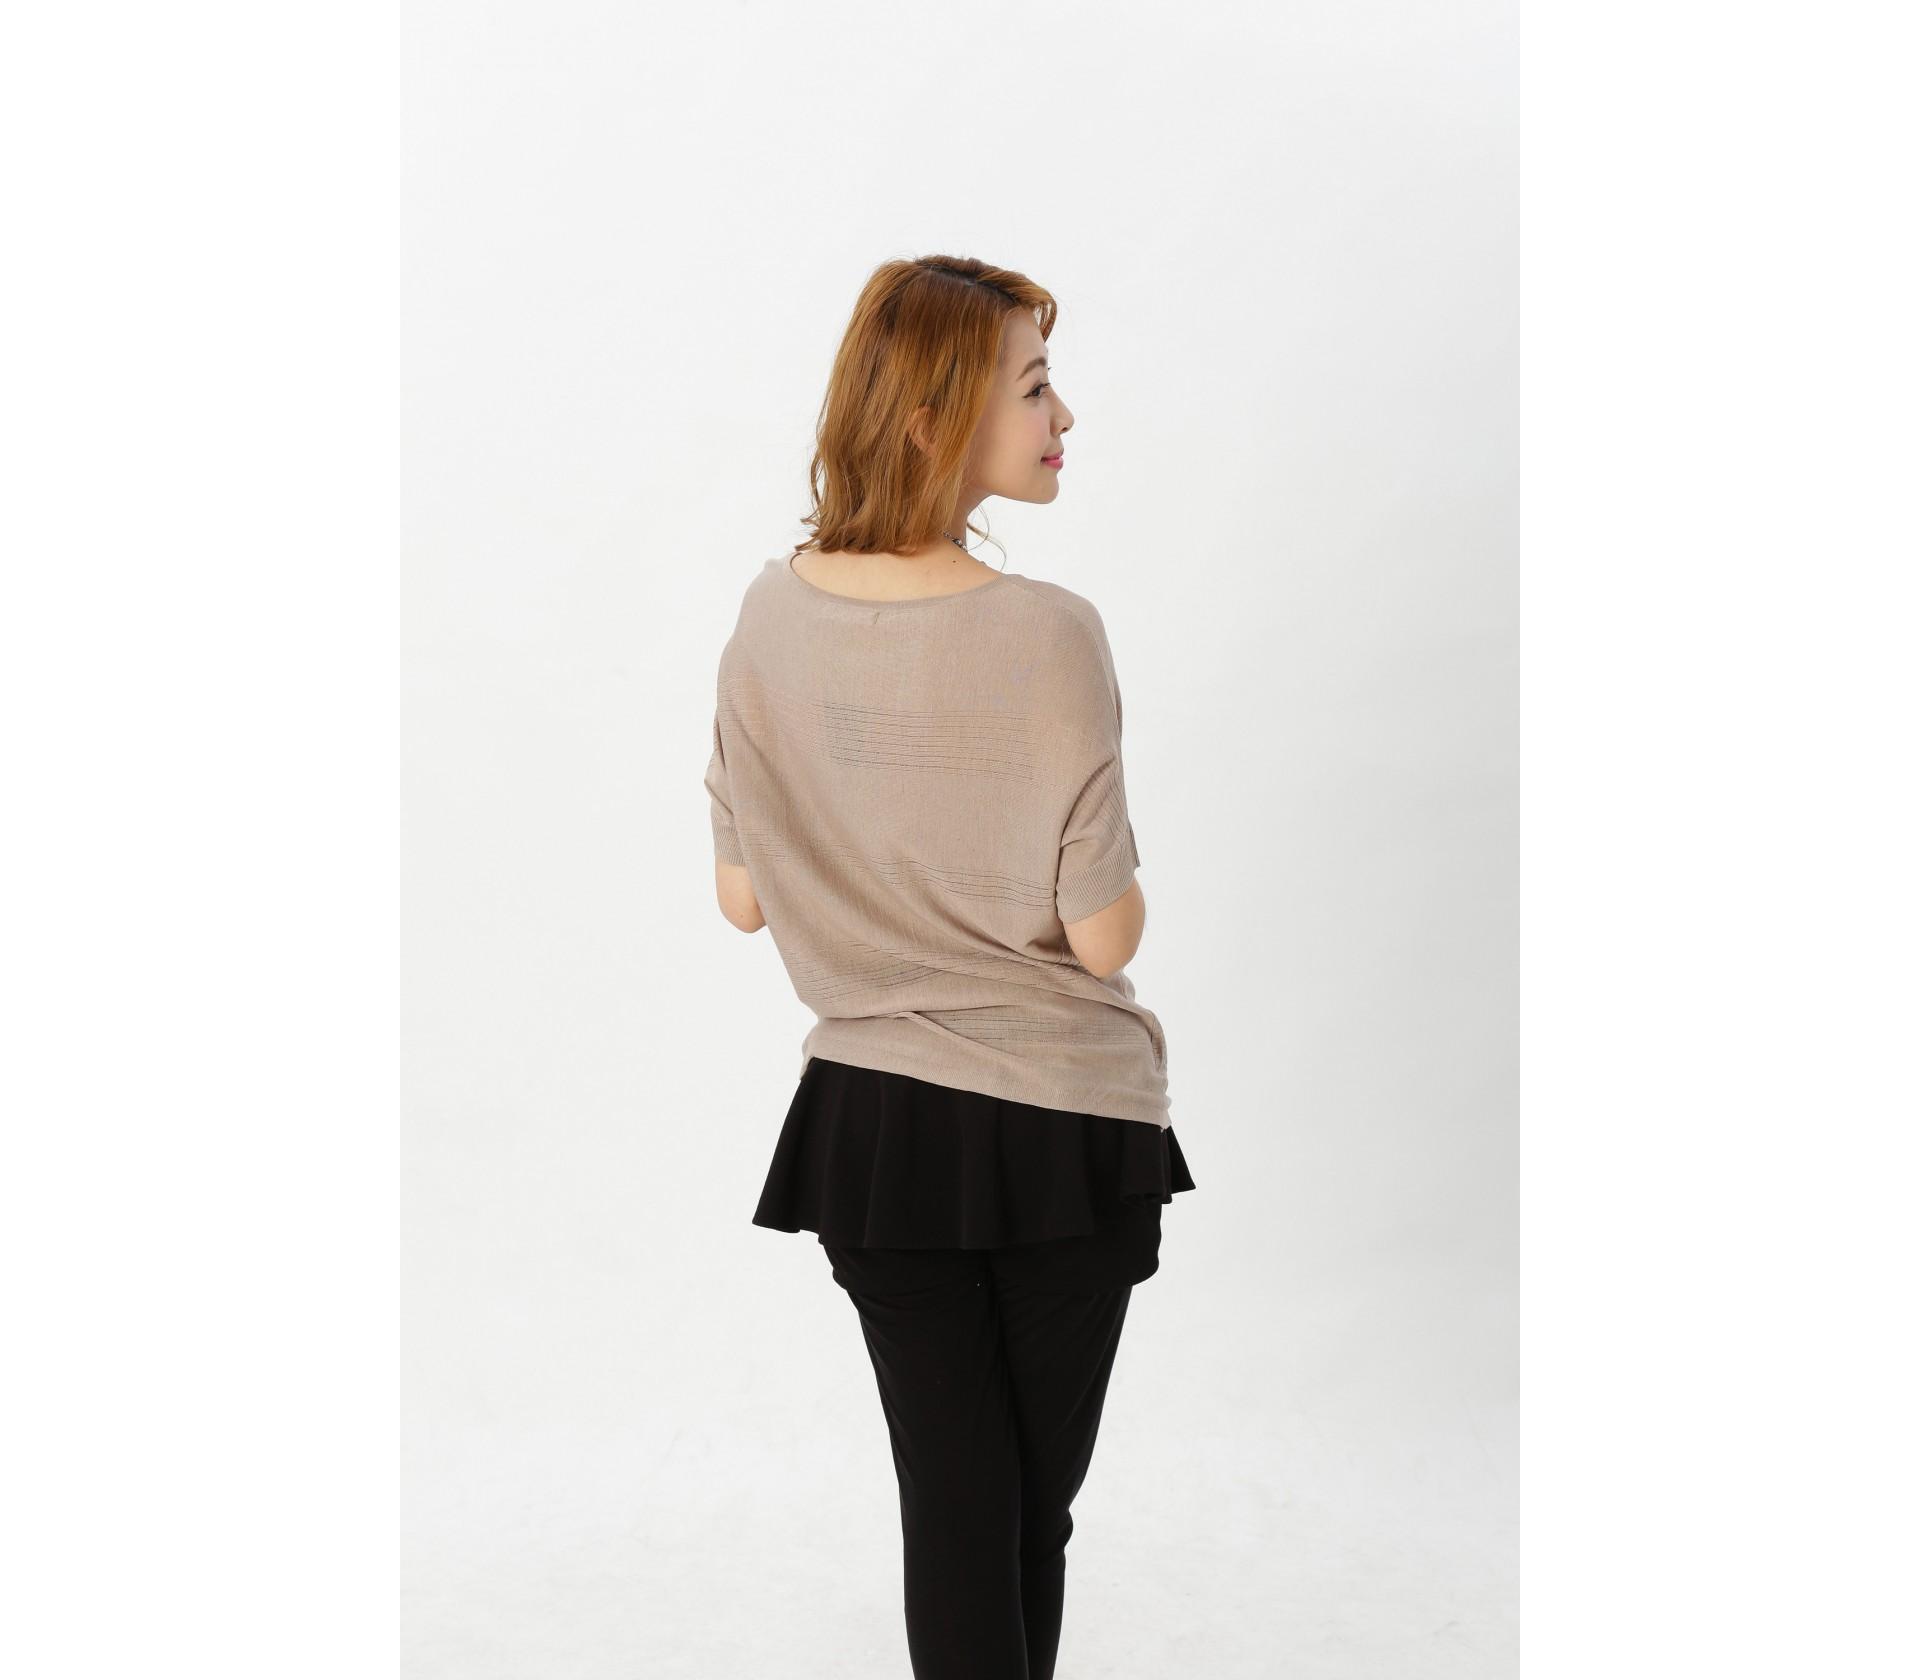 闕蘭絹簡約舒適100%蠶絲上衣-609(卡其)